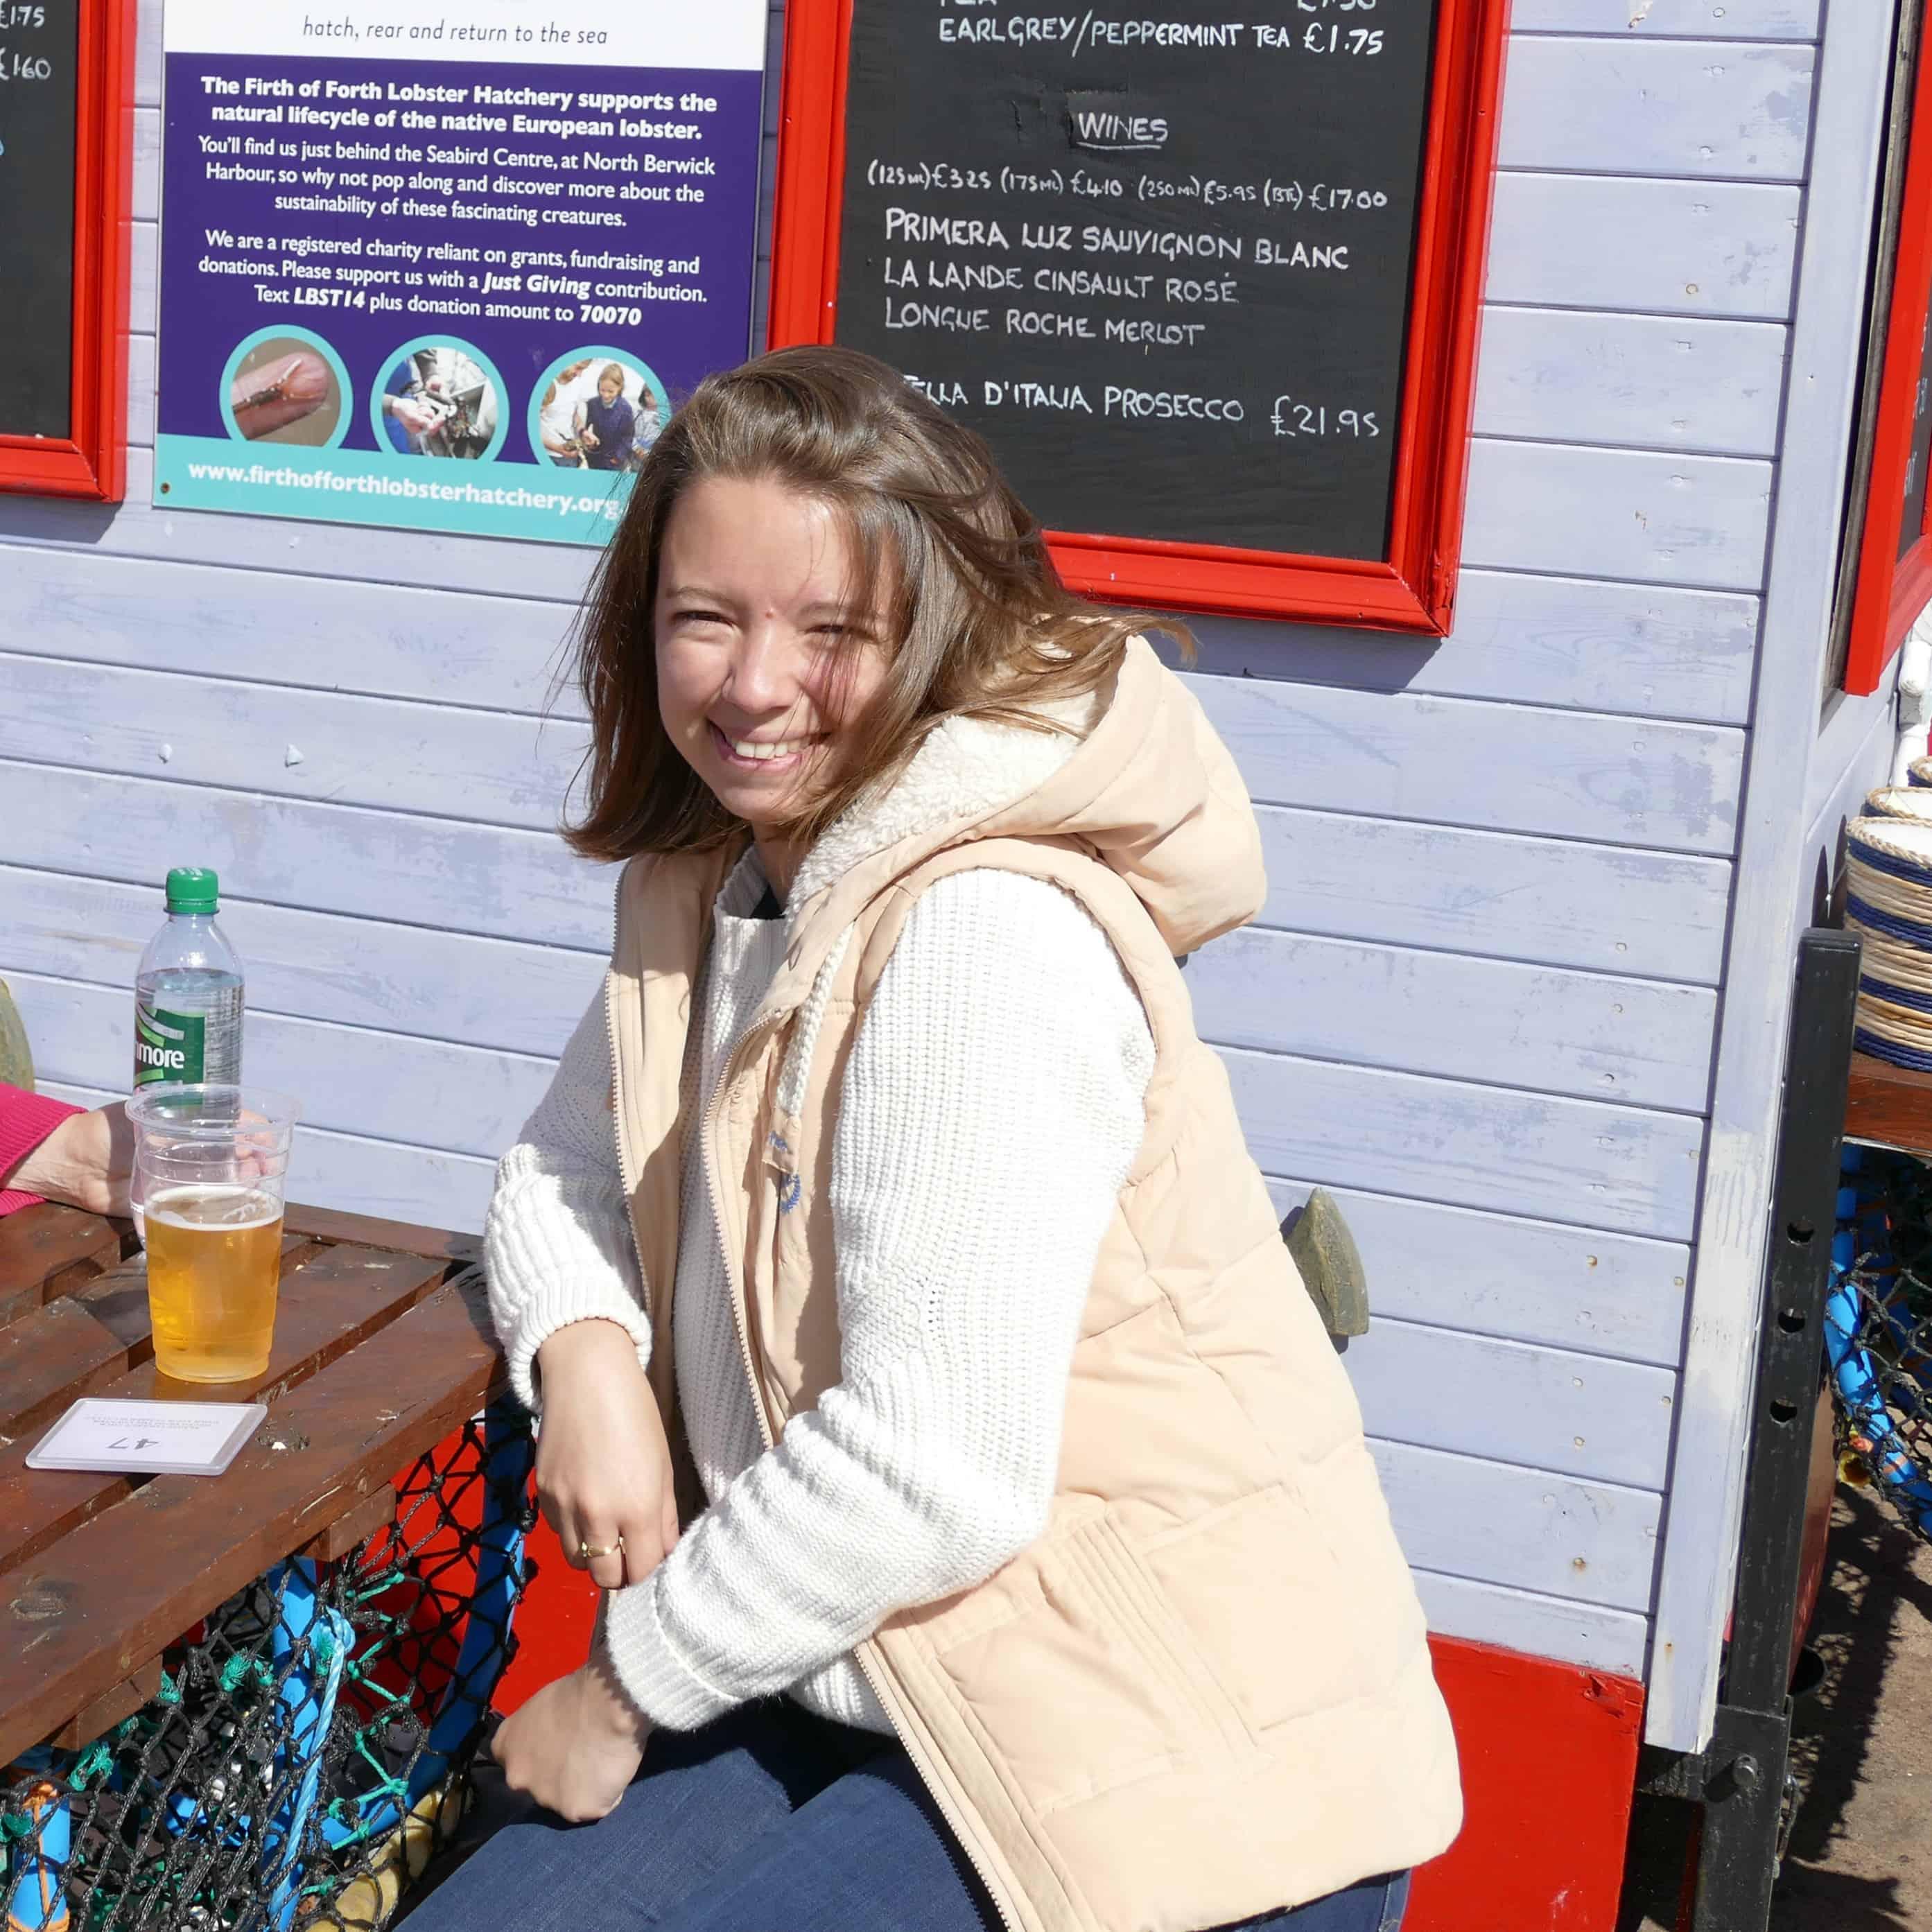 Sophie au Lobster Shack de North Berwick en Août 2016